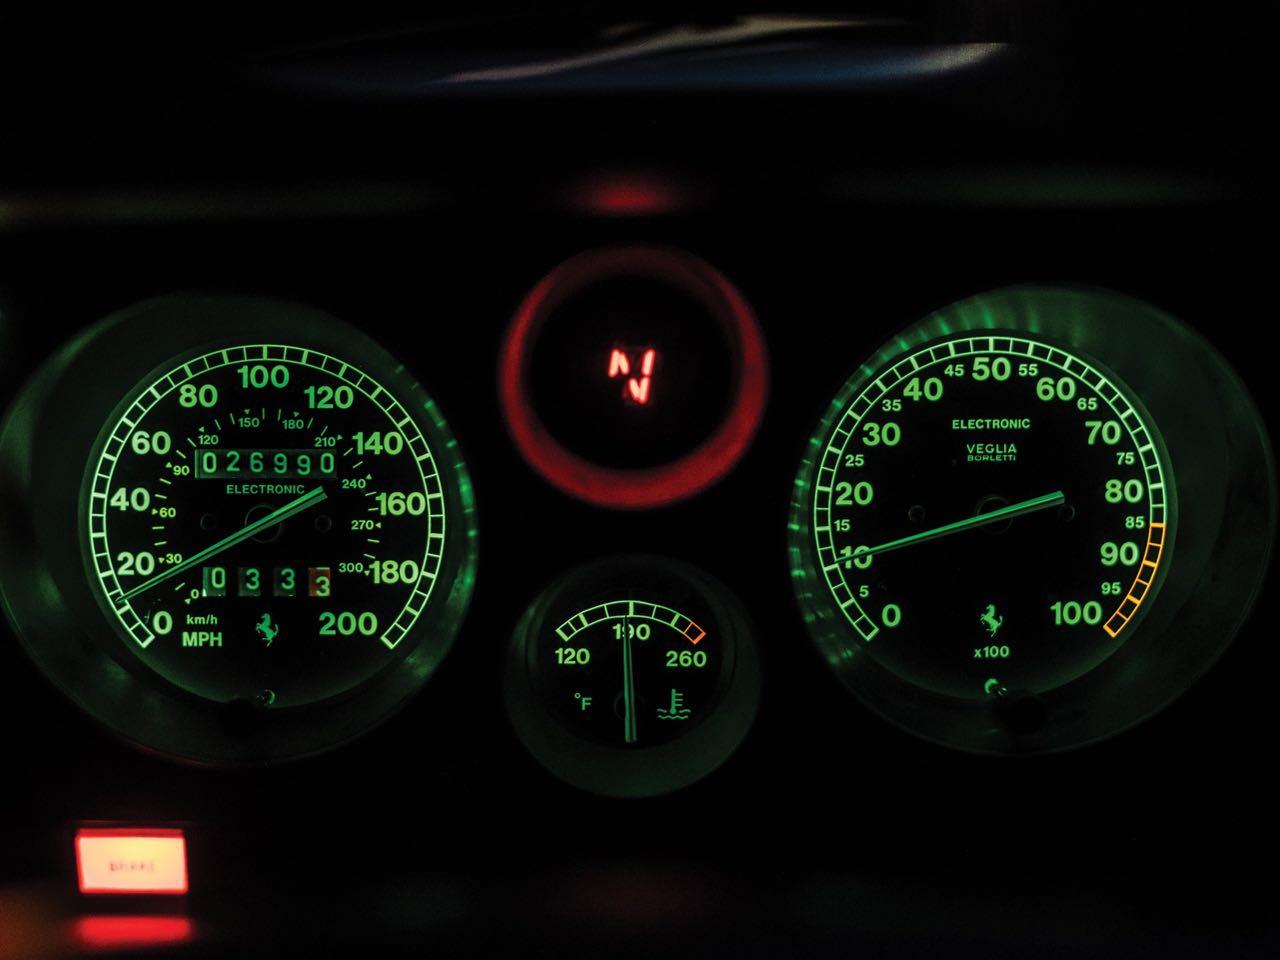 Ferrari F355 Serie Fiorano : 50% Challenge - 50% Berlinette... 100% Spider ! 8